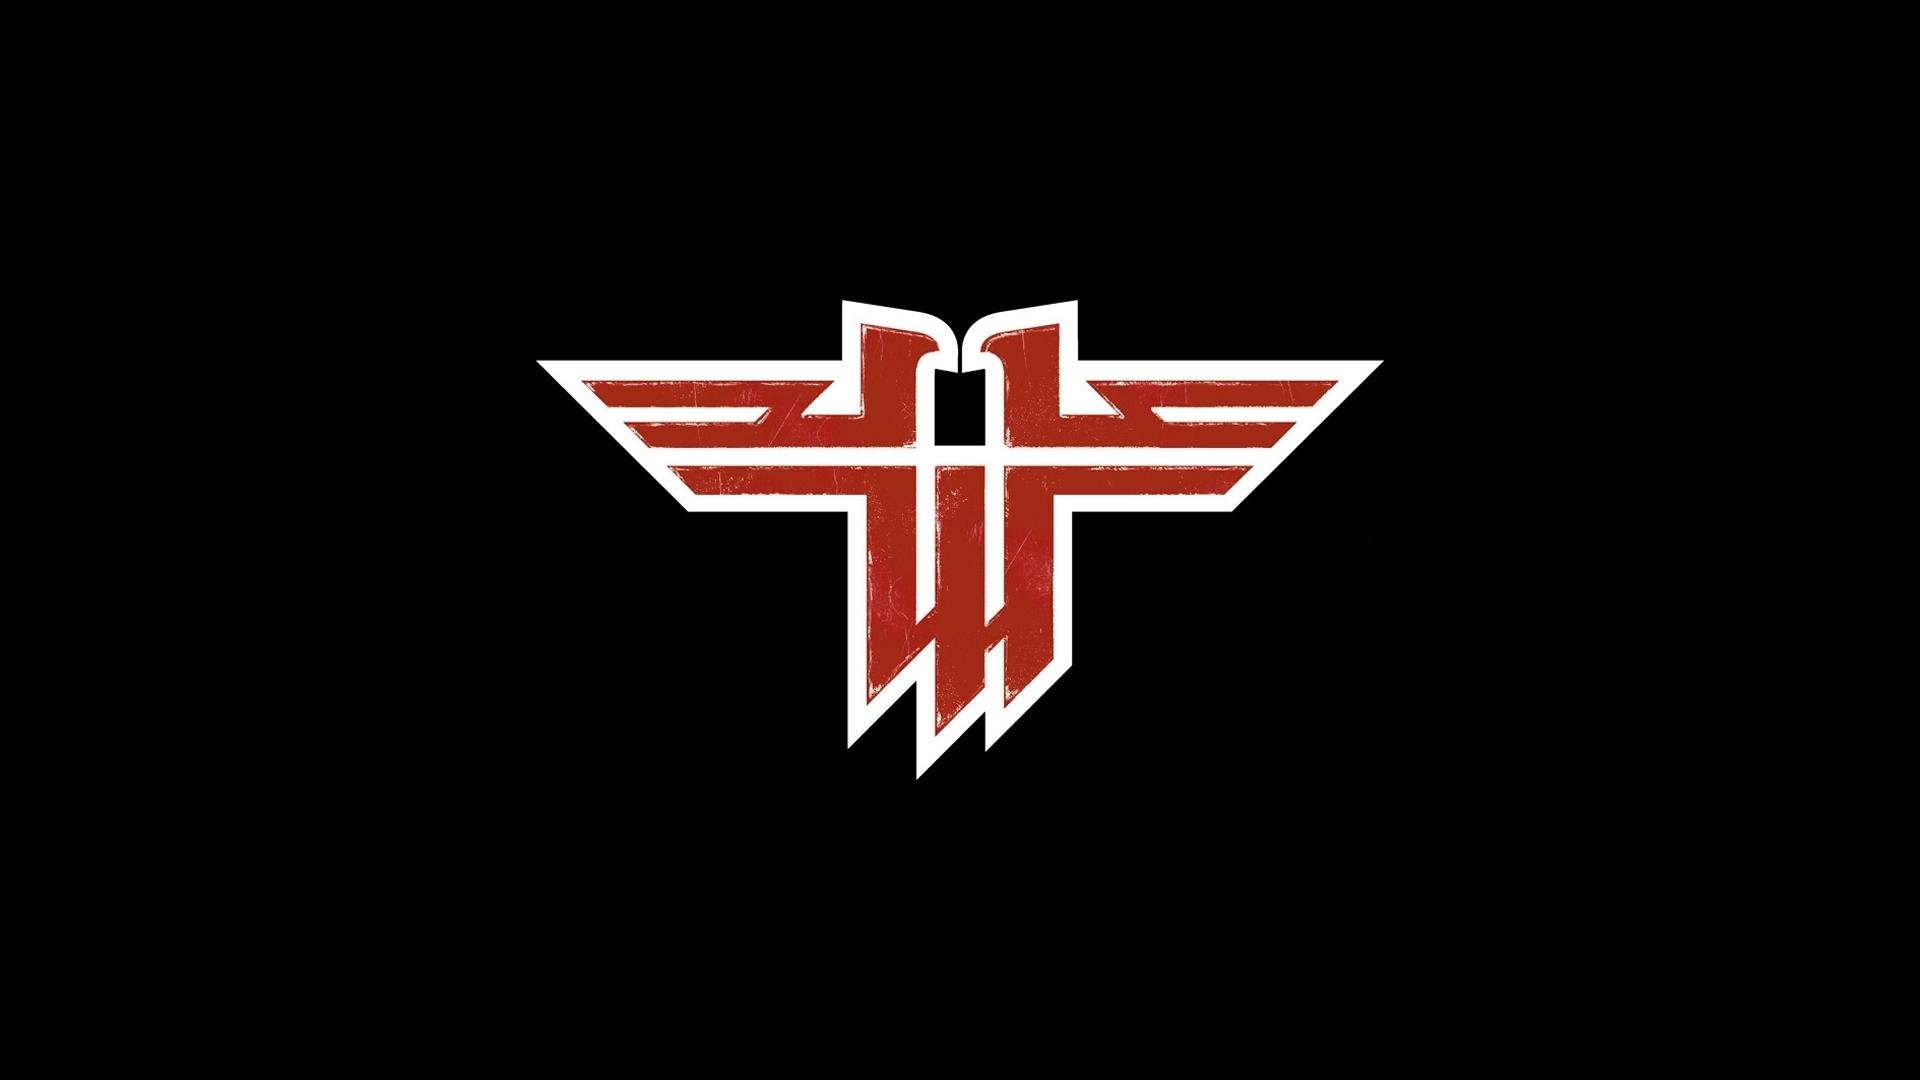 Wolfenstein Logo photo - 1